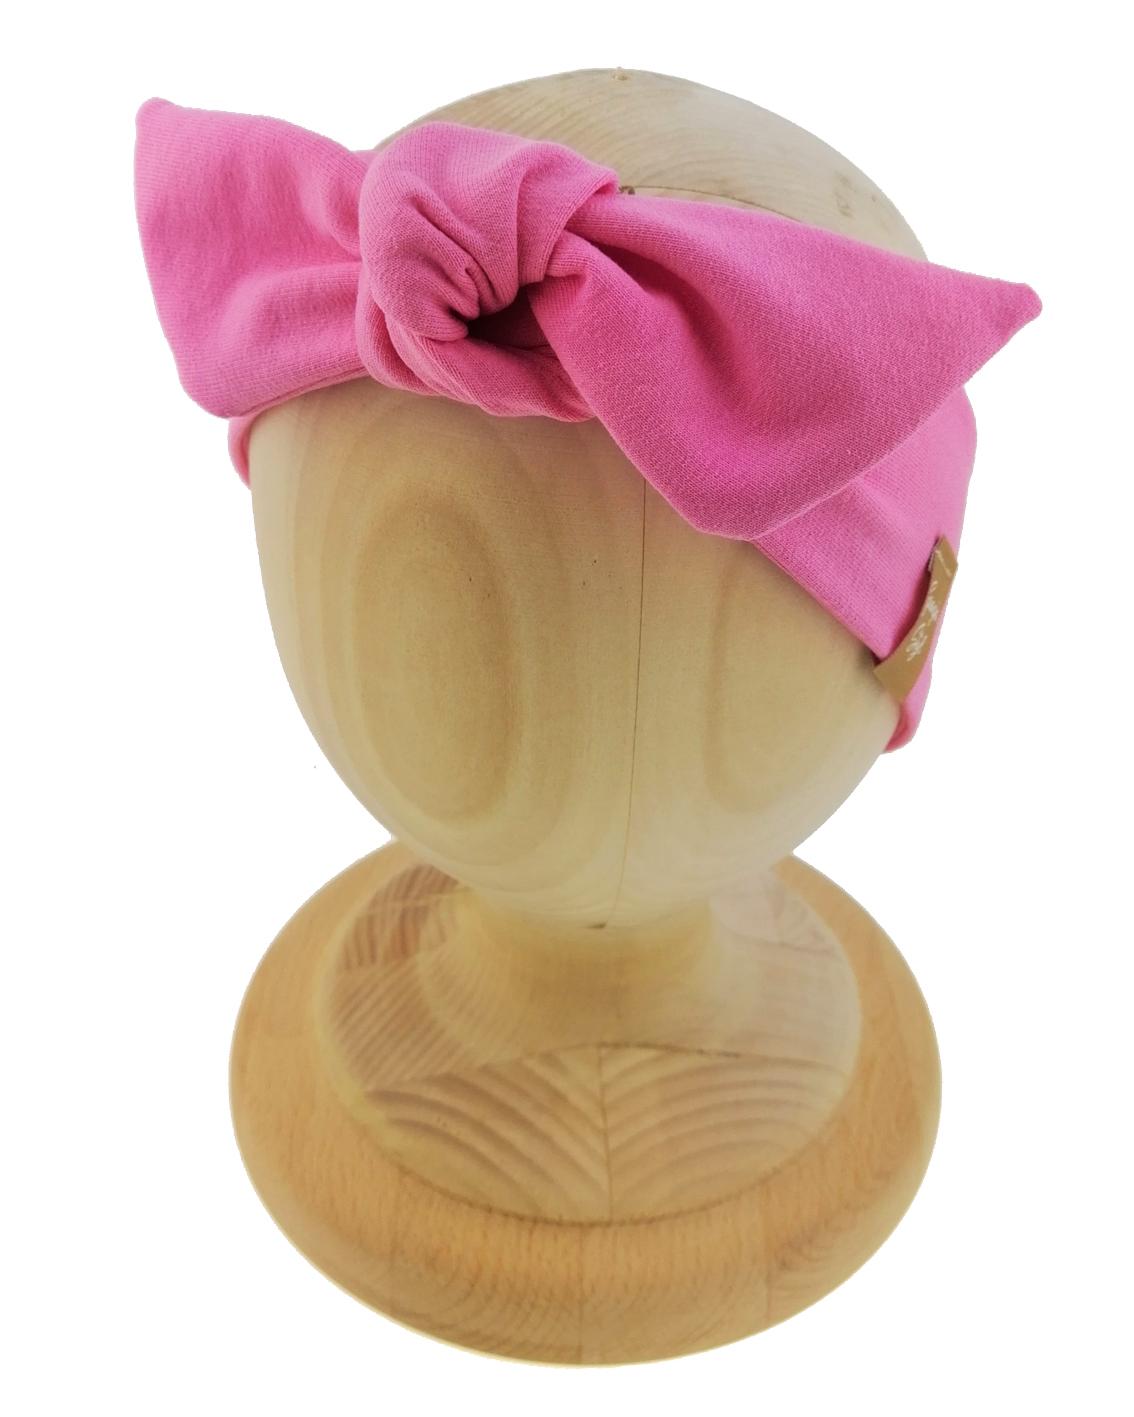 Opaska kobieca typu Pin-up marki Gracja Styl. Uszyta z bawełny petelkowej typu dresówka. Kolor różowy.